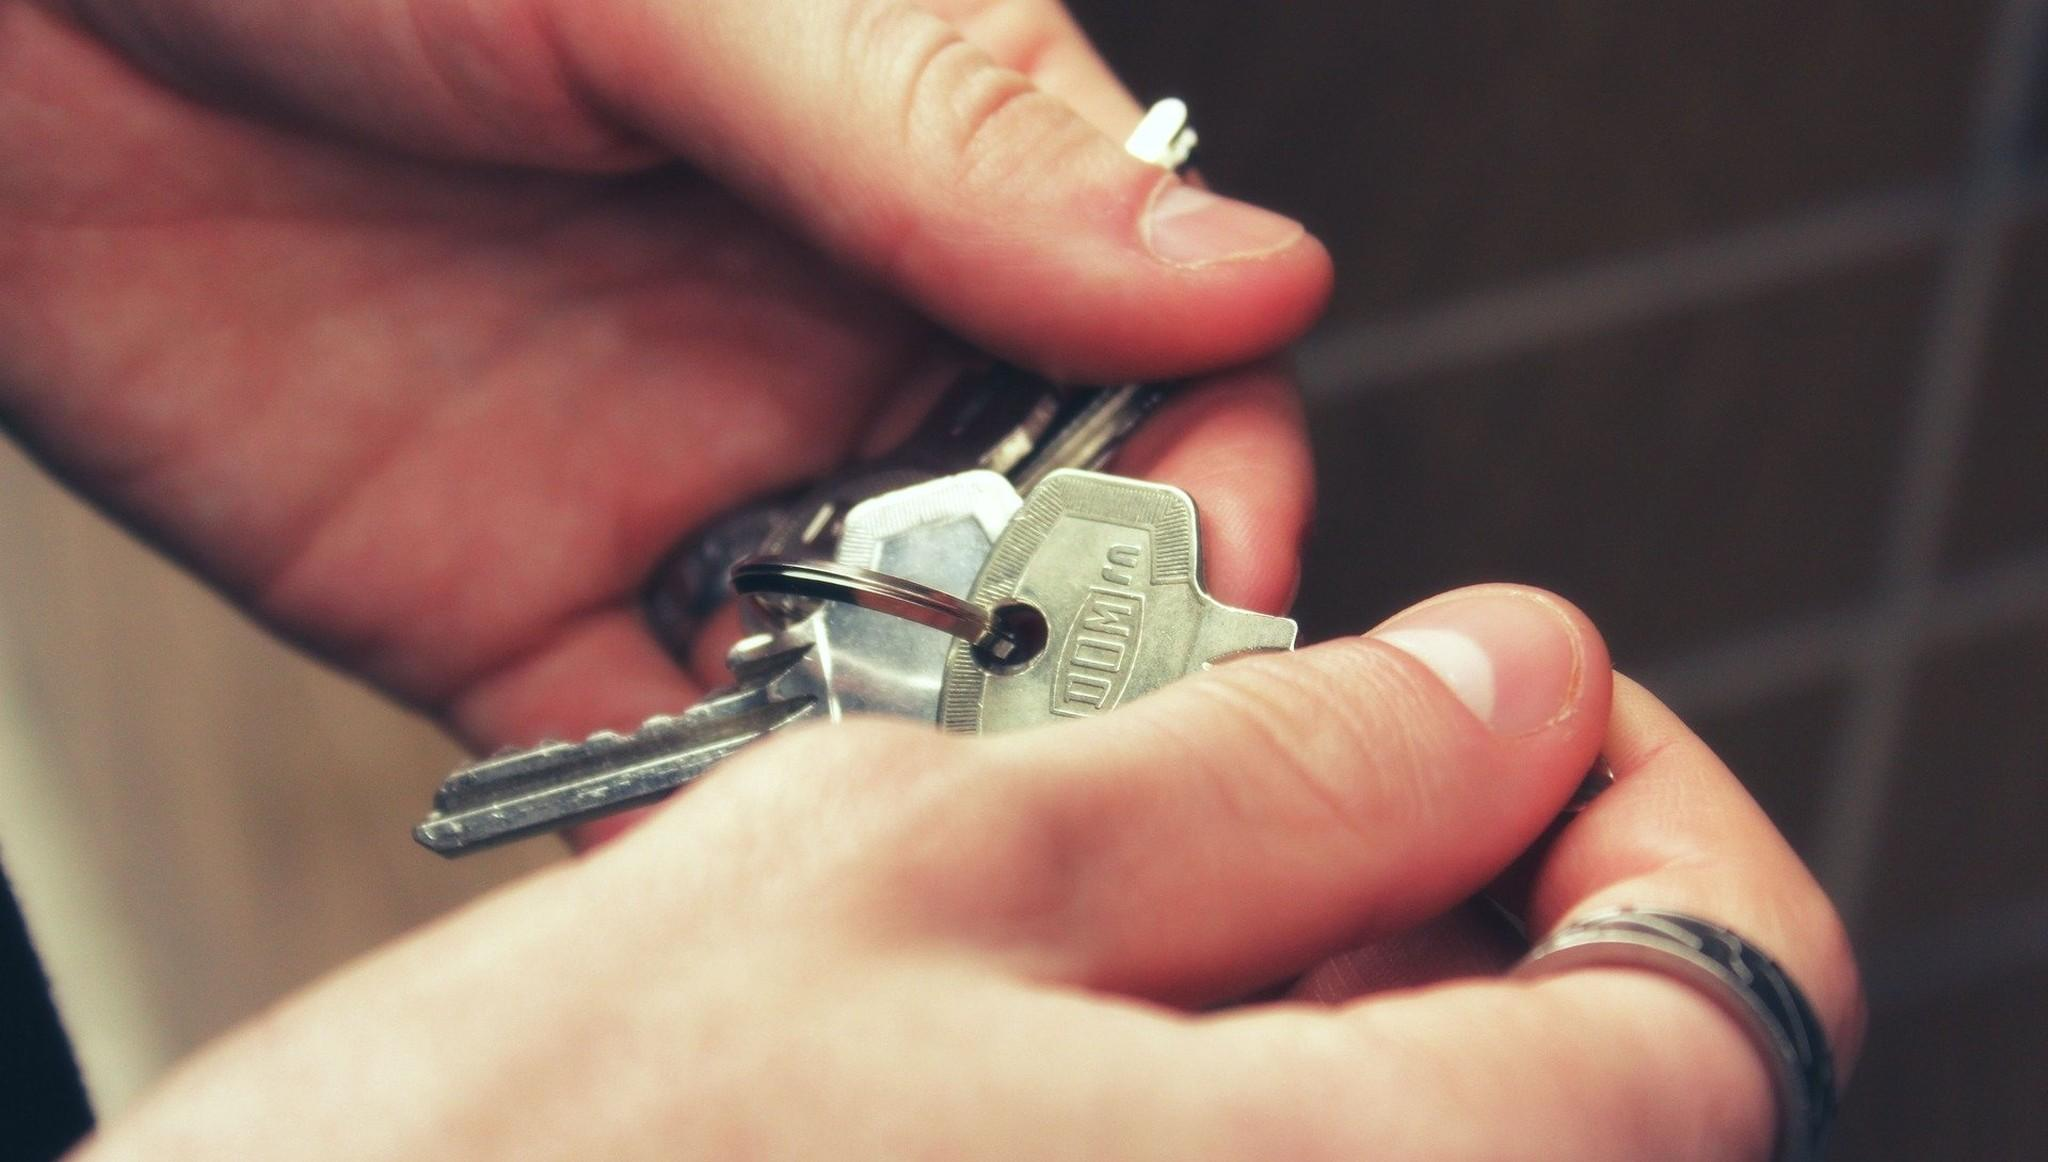 В Тверской области четыре сироты получили жилье после вмешательства прокуратуры - новости Афанасий